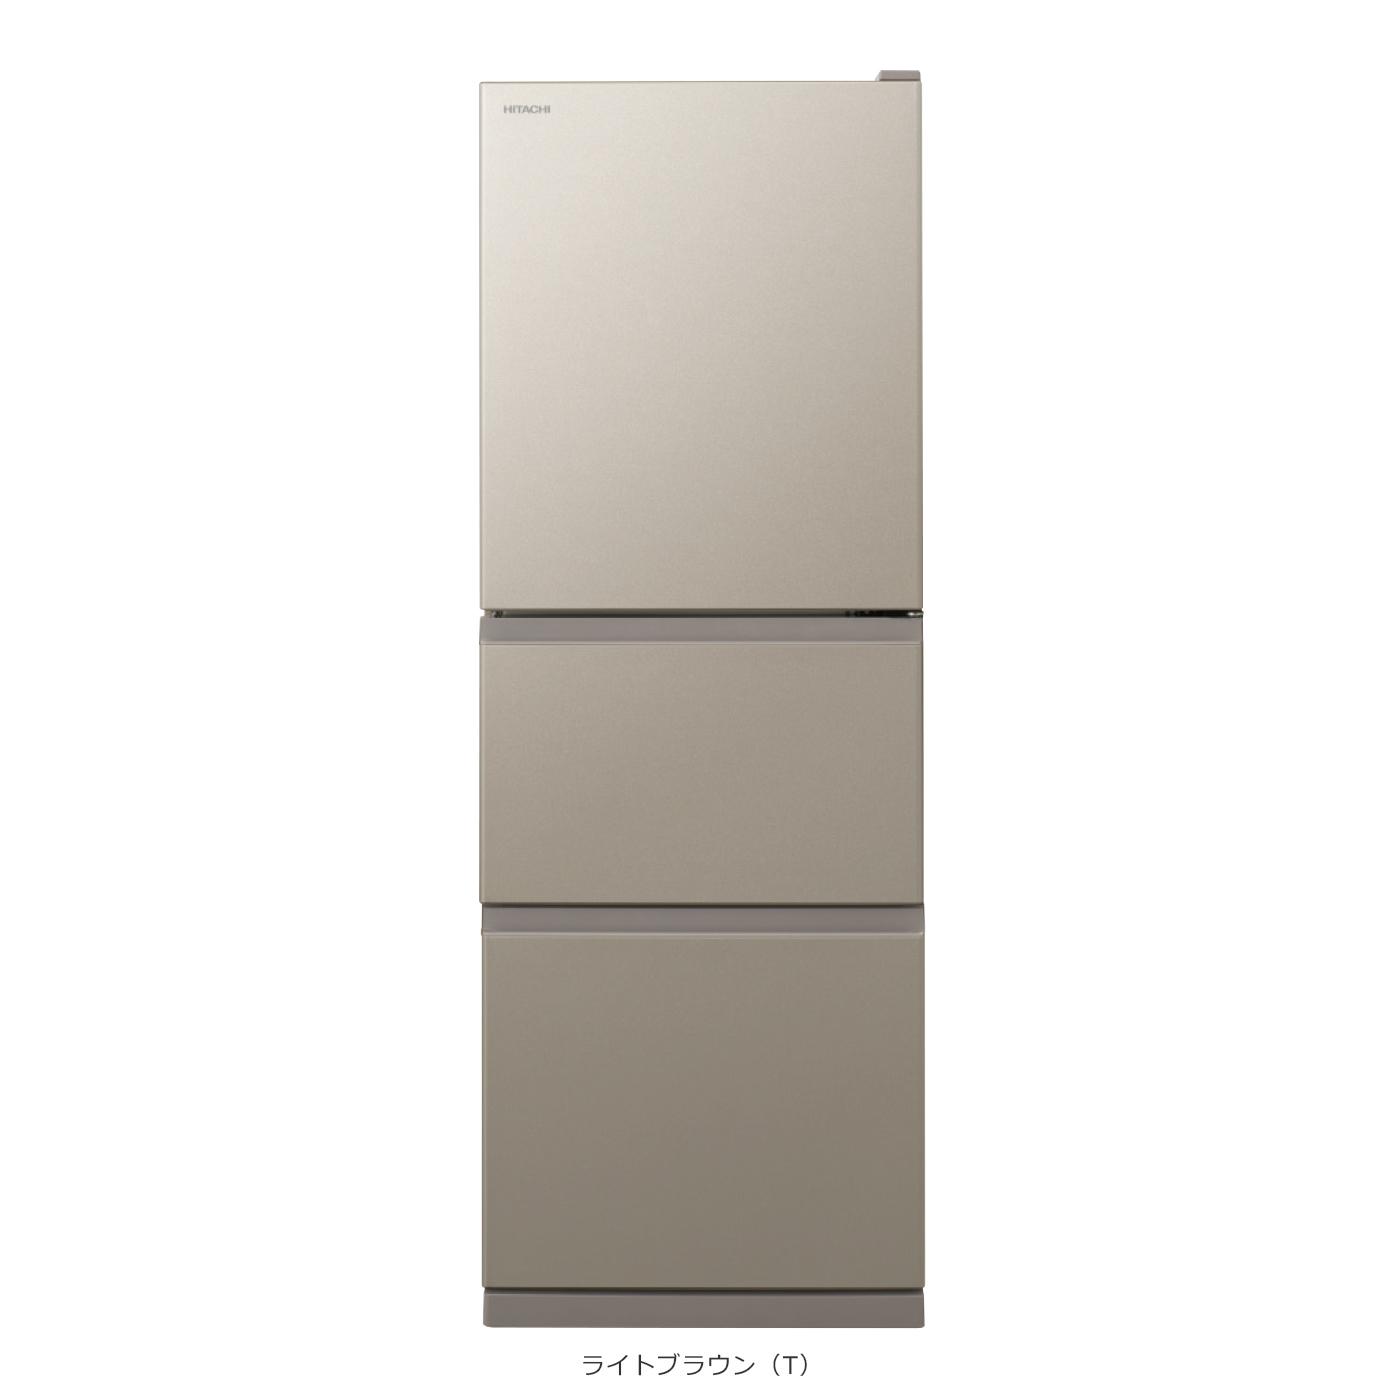 日立 片開き3ドア 冷凍冷蔵庫 R-27KV